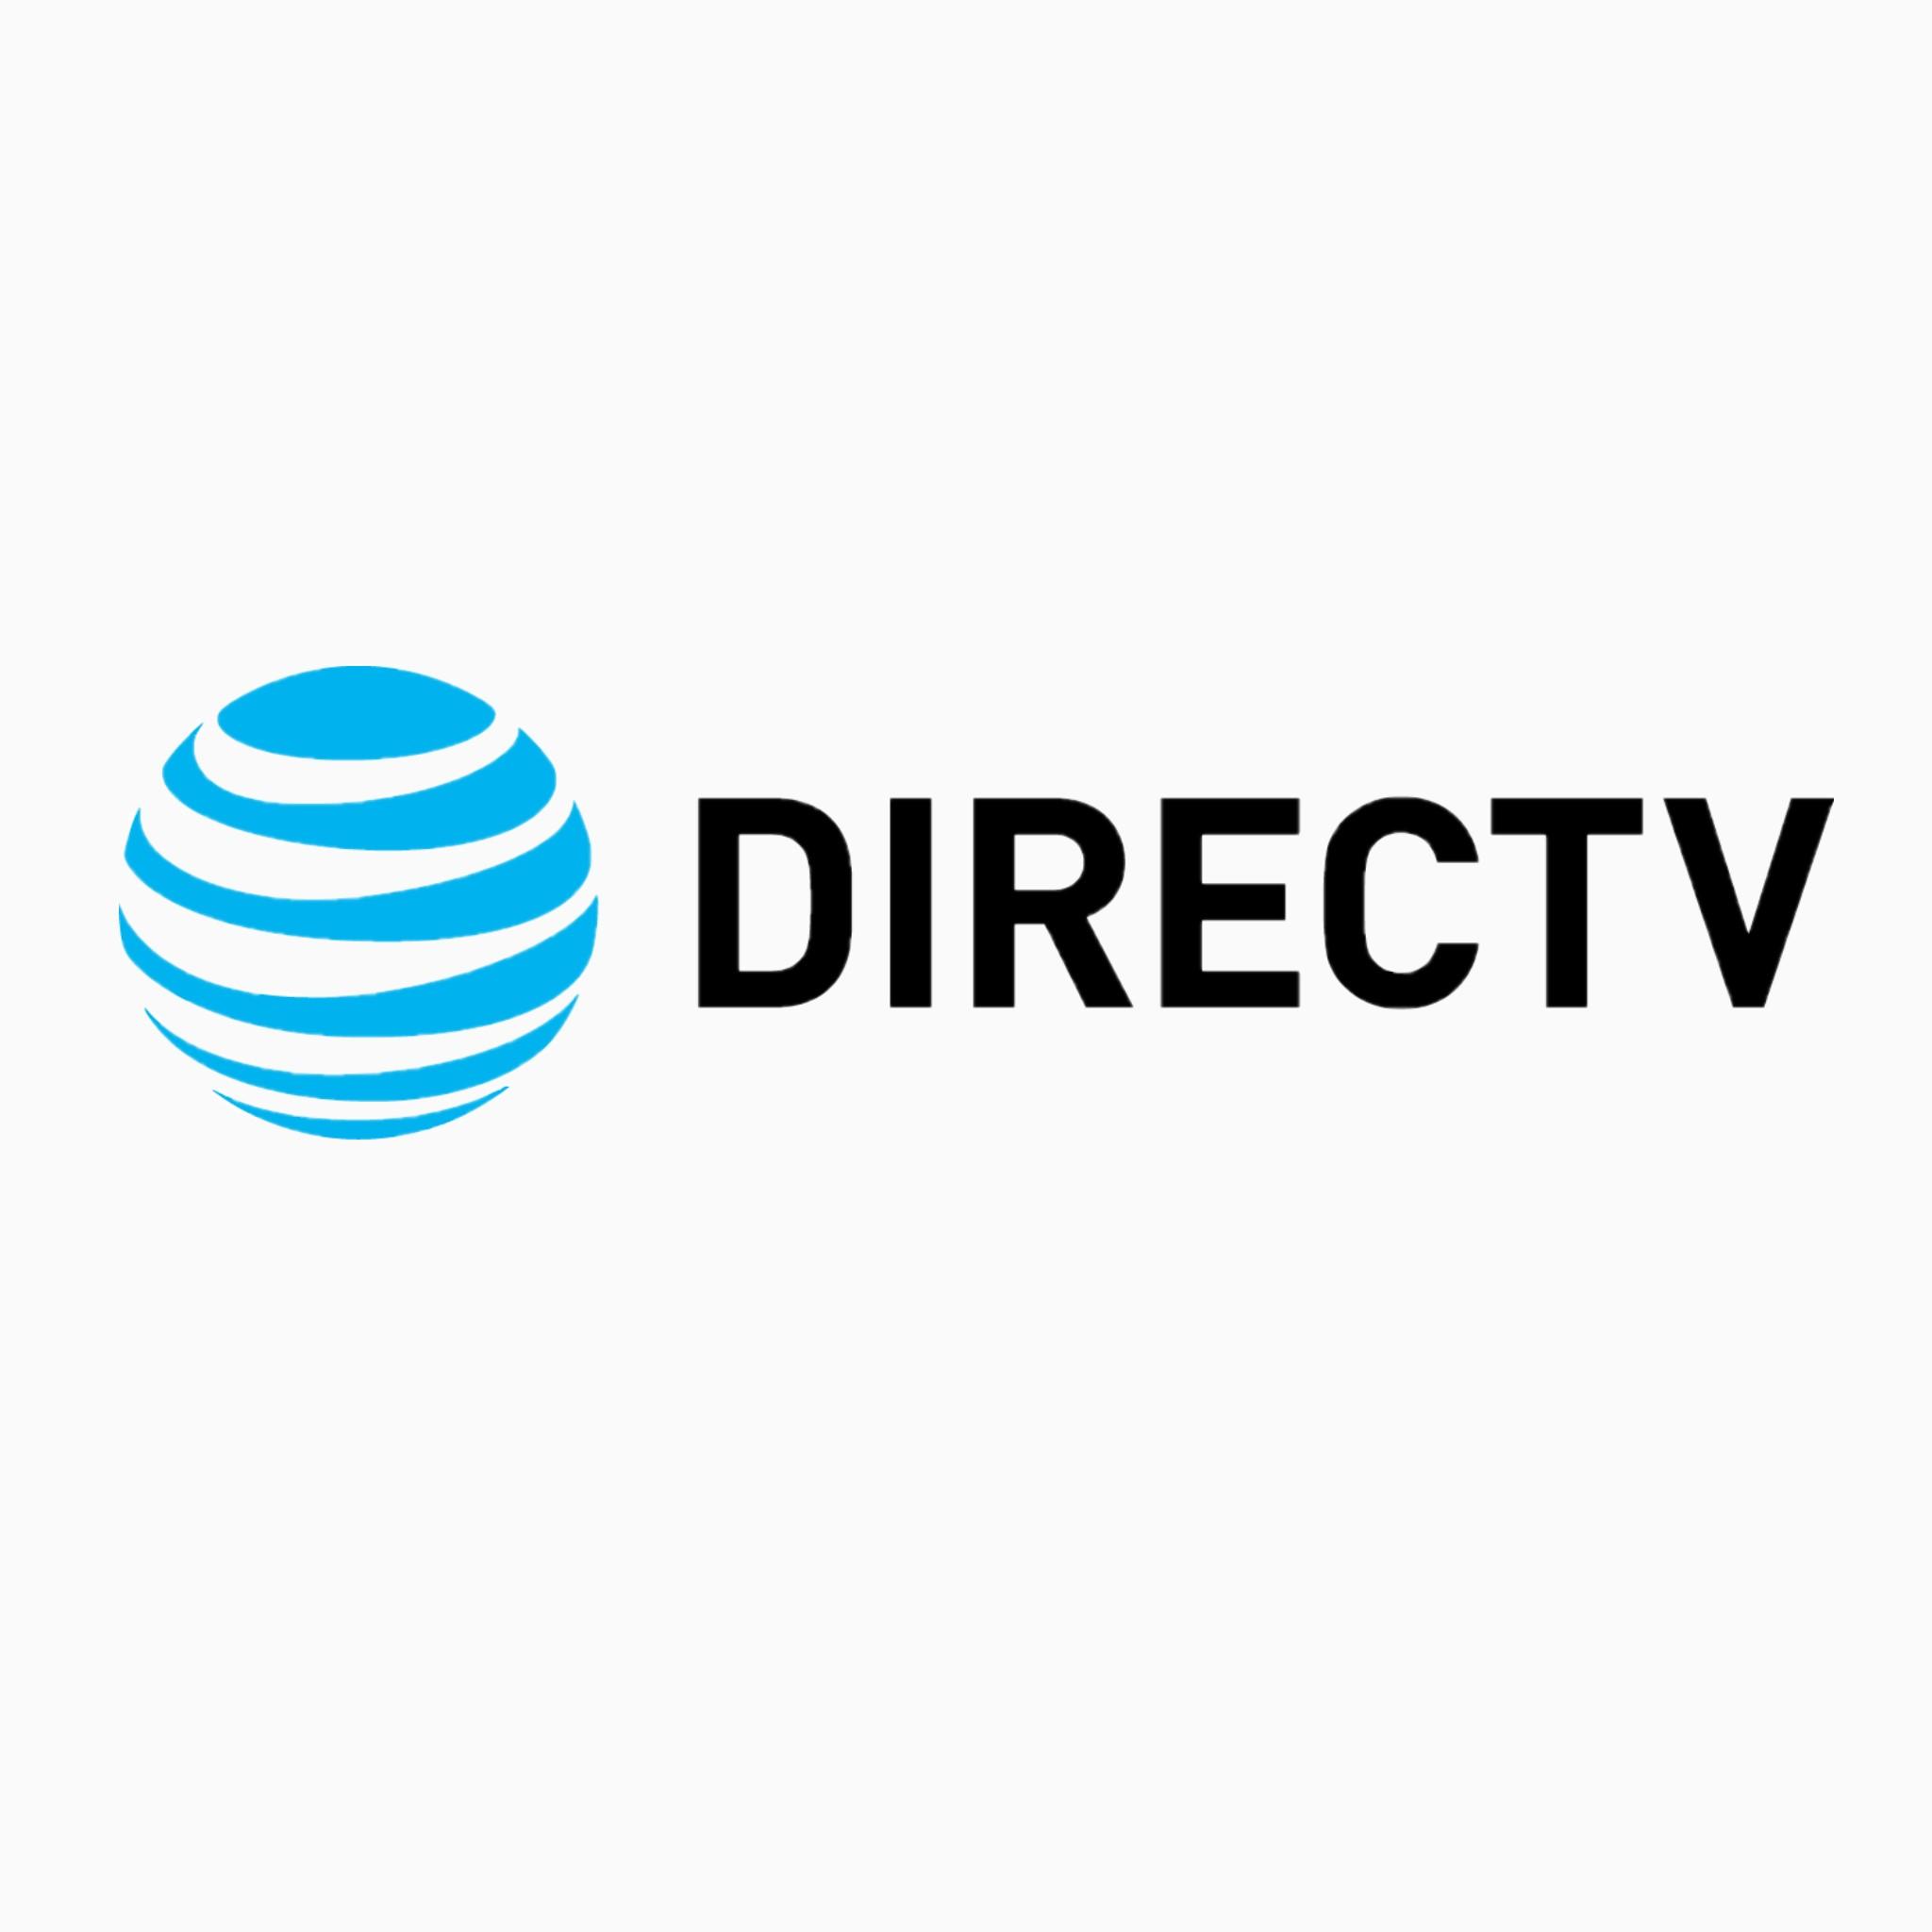 direct tv logo.jpg